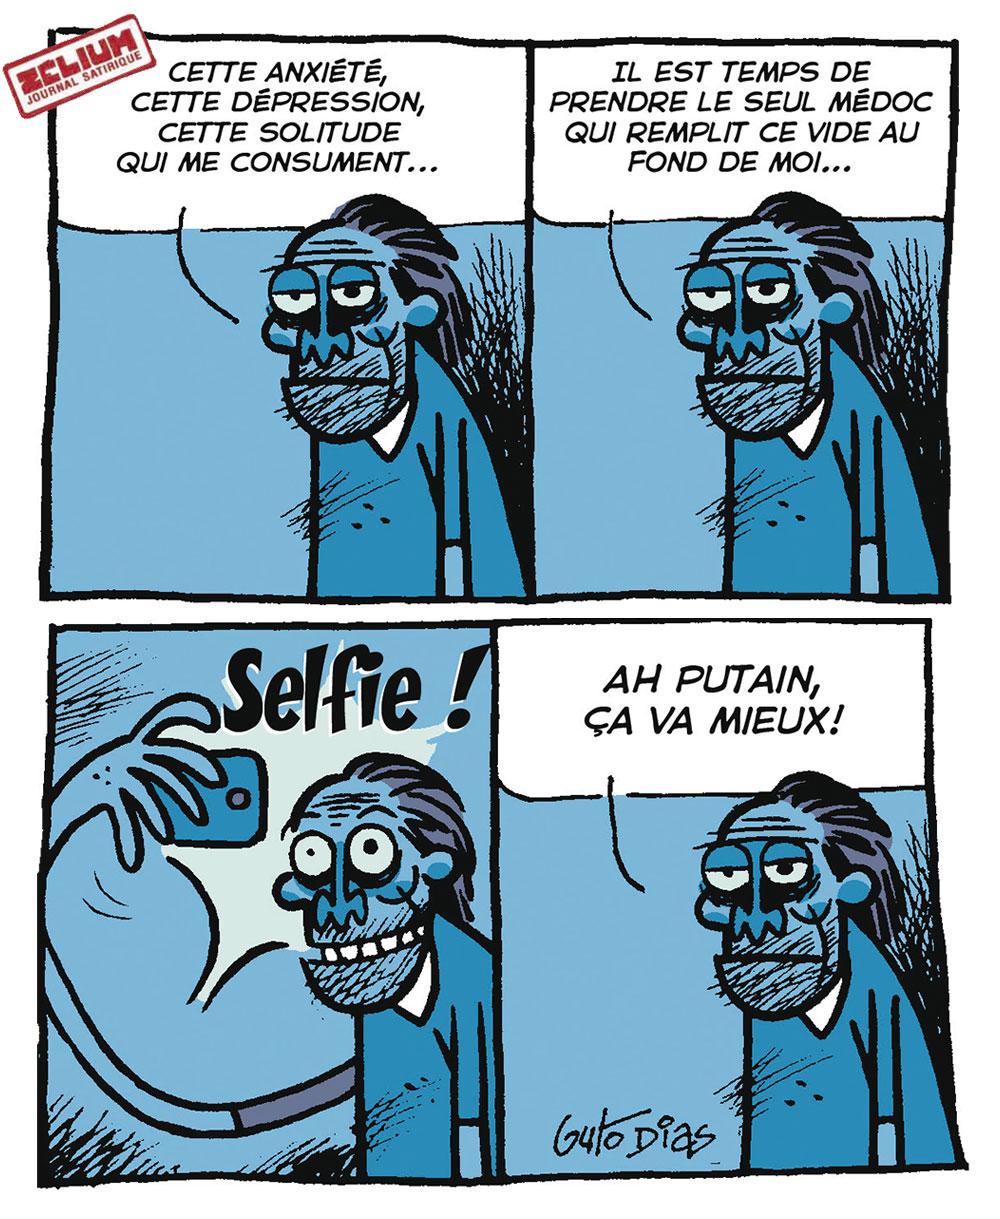 zelium_n9_gutodias_selfie